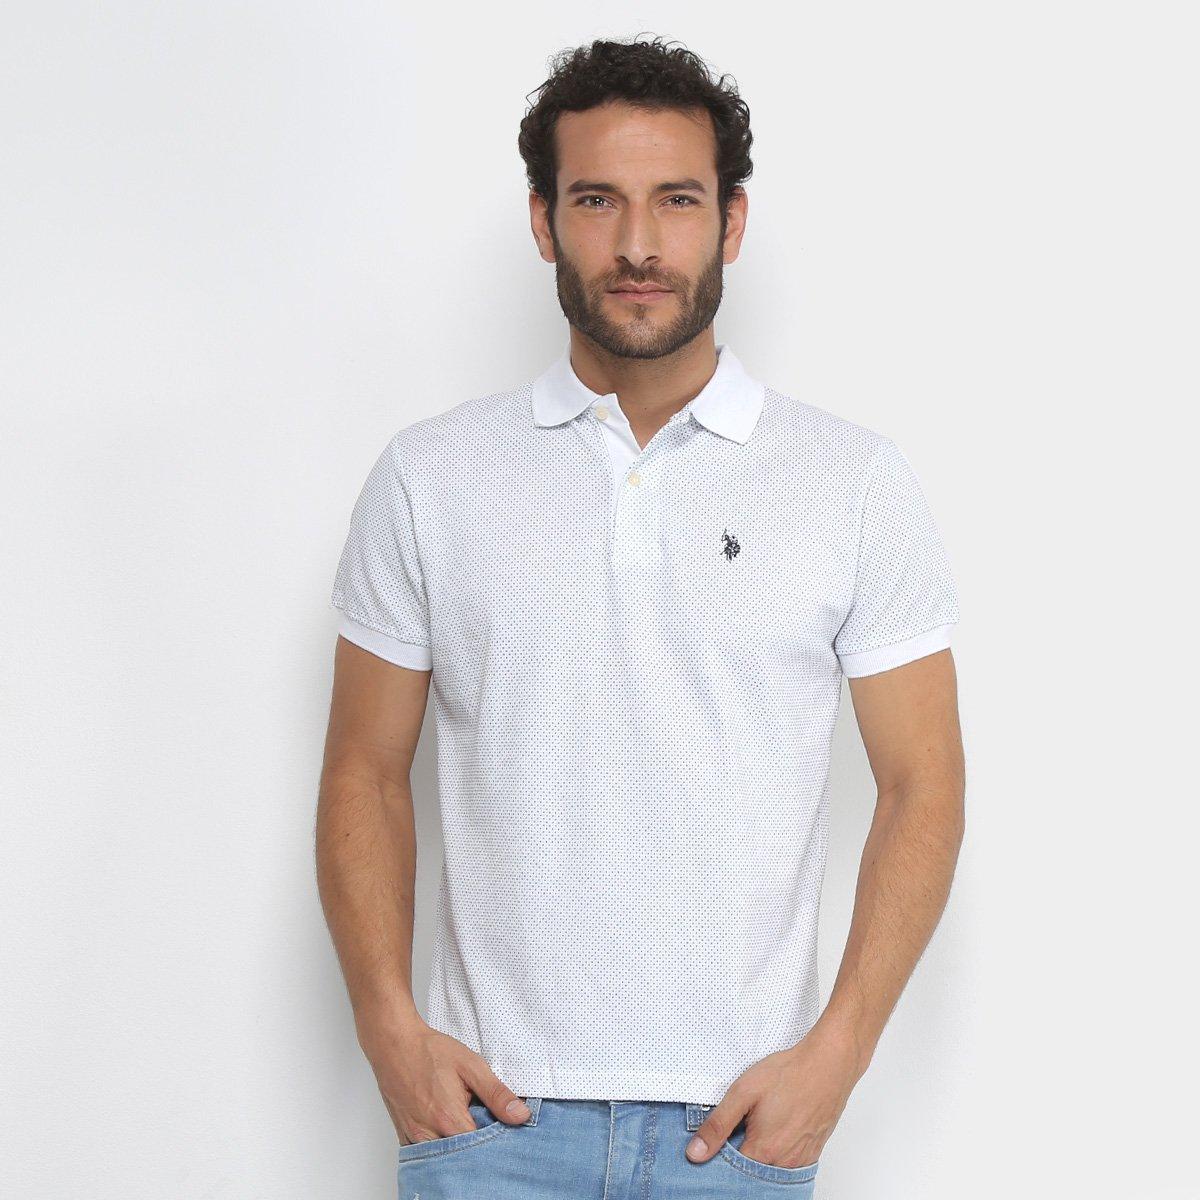 Camisa Polo Estampada Mini Print U.S.Polo Assn Manga Curta Masculino.  undefined 66874ee566cff